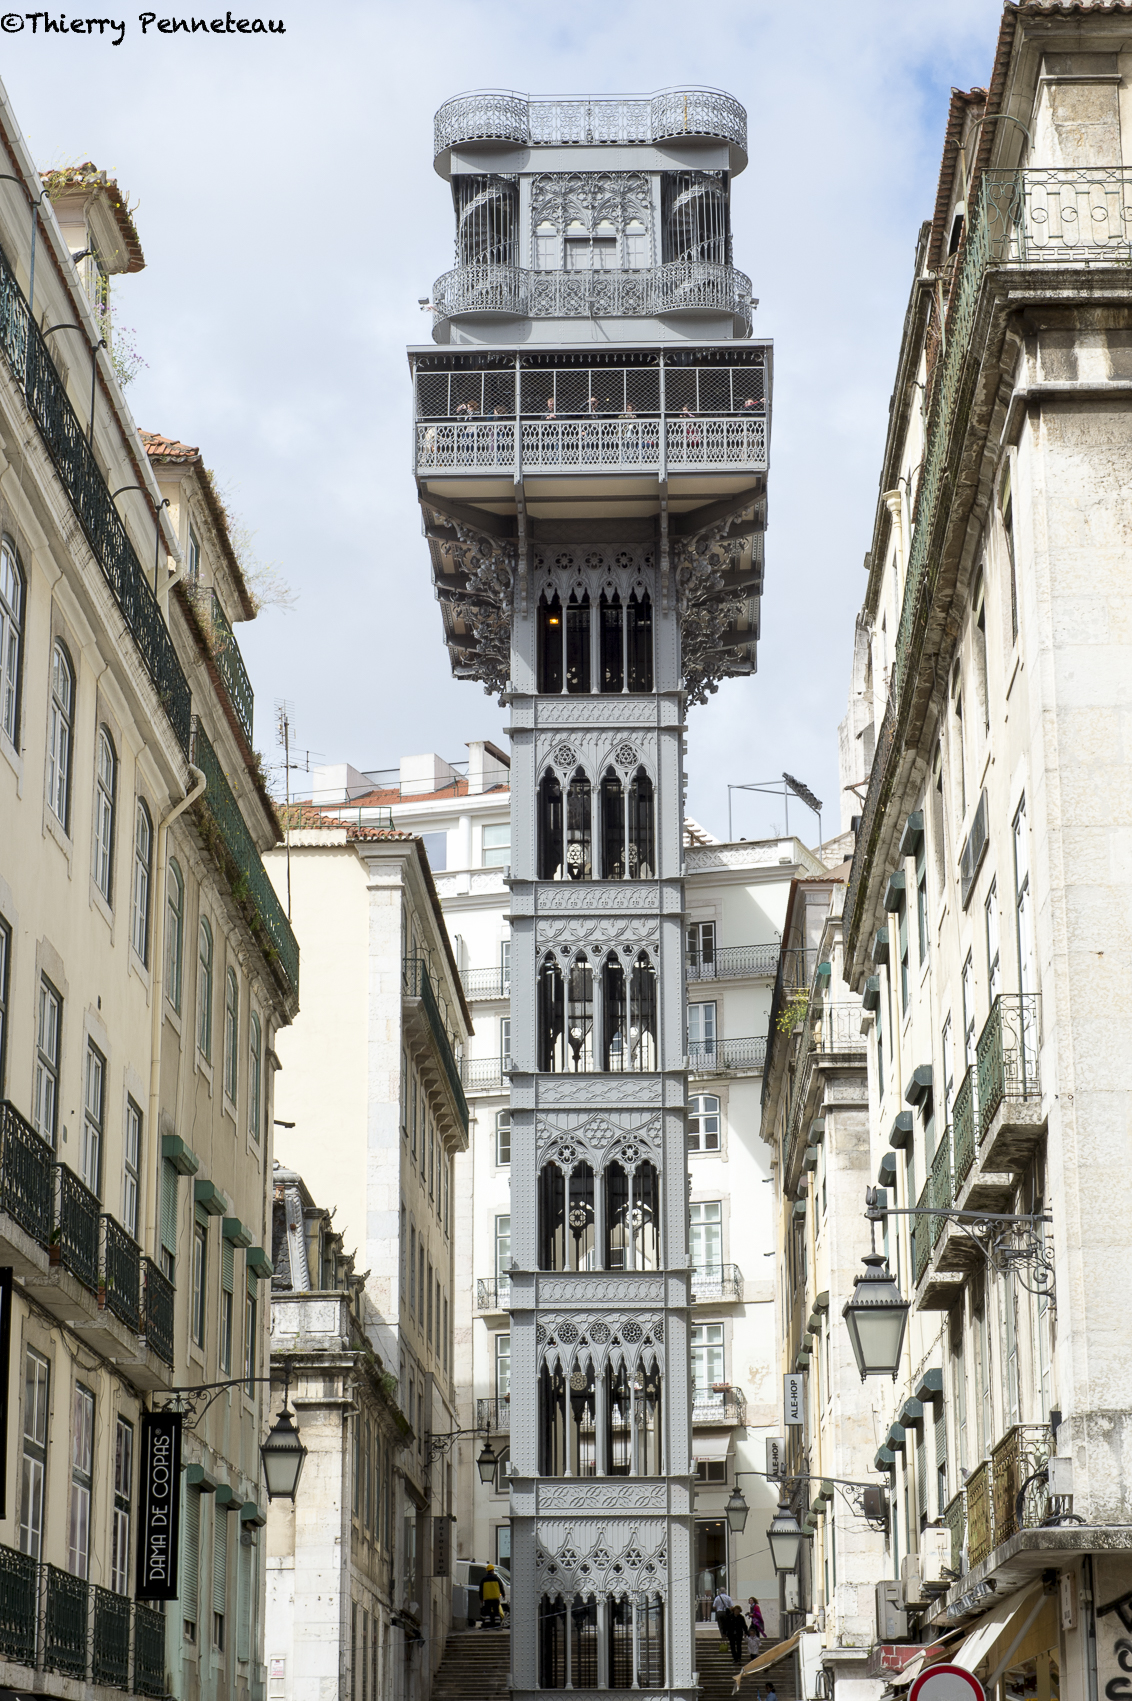 0[ Lisbonne. Au cœur de Lisbonne, près de la rue Do Orou, ce drôle d'ascenseur aux allures modernes est considéré comme l'attraction touristique la plus importante du quartier. Cette merveille technologique de Lisbonne fut construite par Raoul Mesnier du Ponsard en 1902.A cette époque, il fonctionnait à la vapeur et ne fut électrisé qu'en 1919. Construit dans un style néogothique, la structure de cet ascenseur rappelle aux premiers abords, la Tour Eiffel, ce qui n'est pas totalement faux.Car effectivement, le créateur du Santa Justa également appelé Elevador de Santa Justa fut un étudiant du grand Gustave Eiffel. D'une hauteur de cinquante mètres mètres, le bel ascenseur est construit en fer forgé et possède deux cabines pouvant contenir chacune une vingtaine de personnes.Ce n'est pas seulement le seul ascenseur réellement vertical du pays, l'ascenseur de Santa Justa représente également l'unique monument néogothique de Lisbonne. Il fait également office de moyen de communication entre les quartiers de Bairro Alto et les quartiers de Baixa.Du haut de cette tour, on peut admirer la Lisbonne dans toute sa splendeur : la ville entière et ses monuments historiques s'offrent au regard. ]02-31173.tif